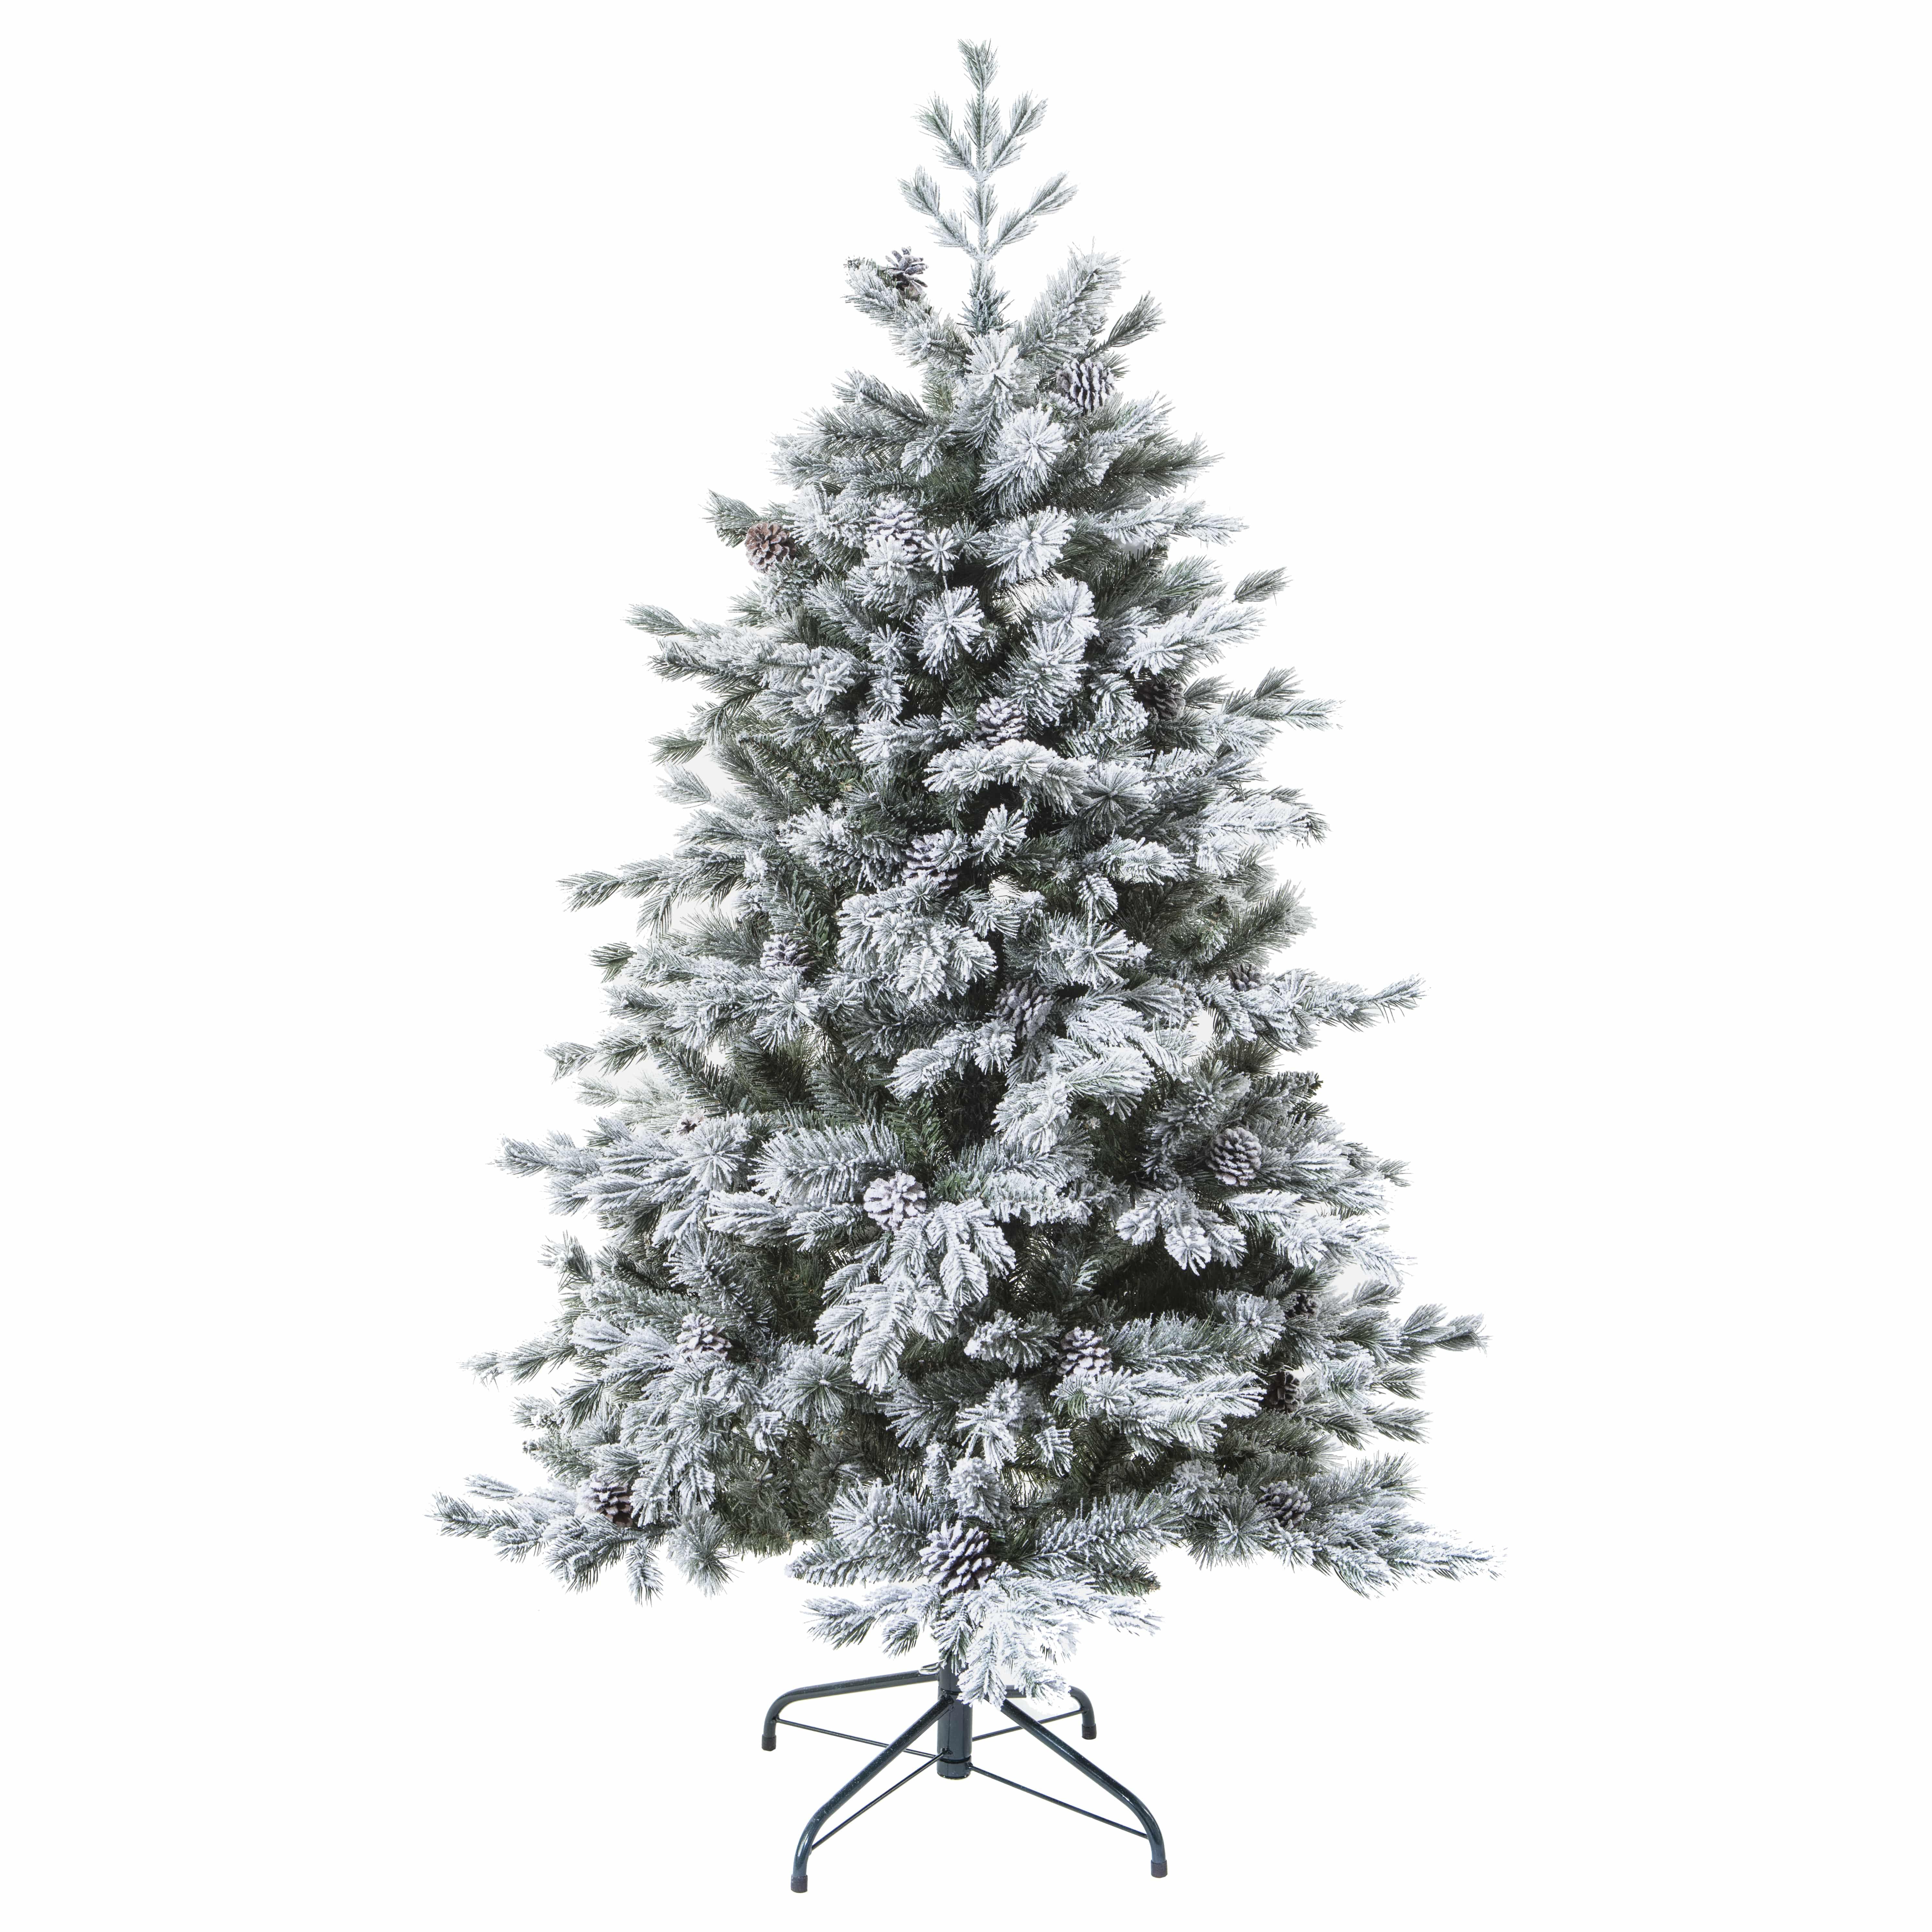 4Goodz Superior kunstkerstboom met sneeuw Snowy Youkon 180 cm